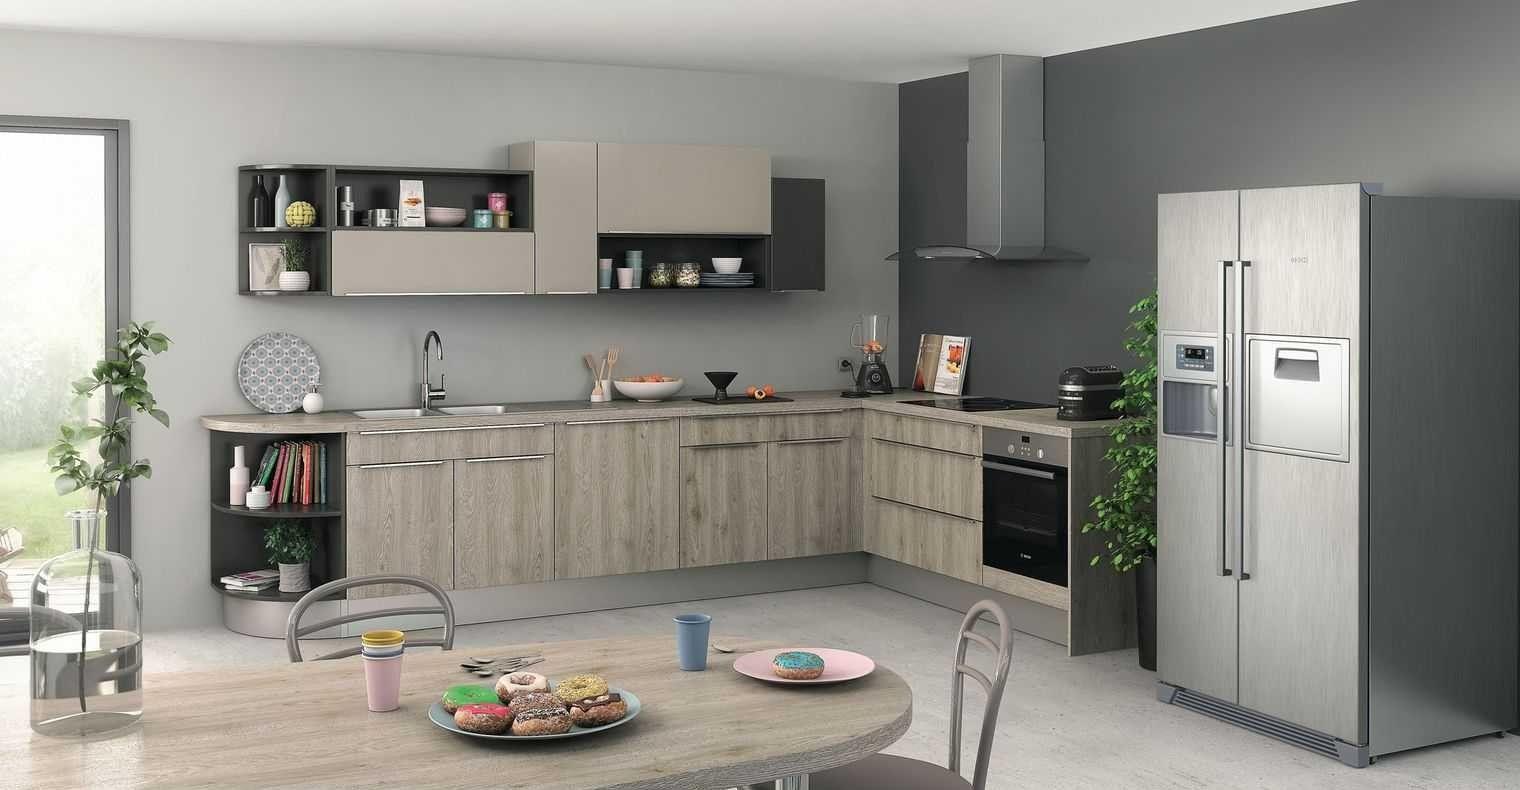 Quelle peinture cuisine grise - Livreetvin.fr